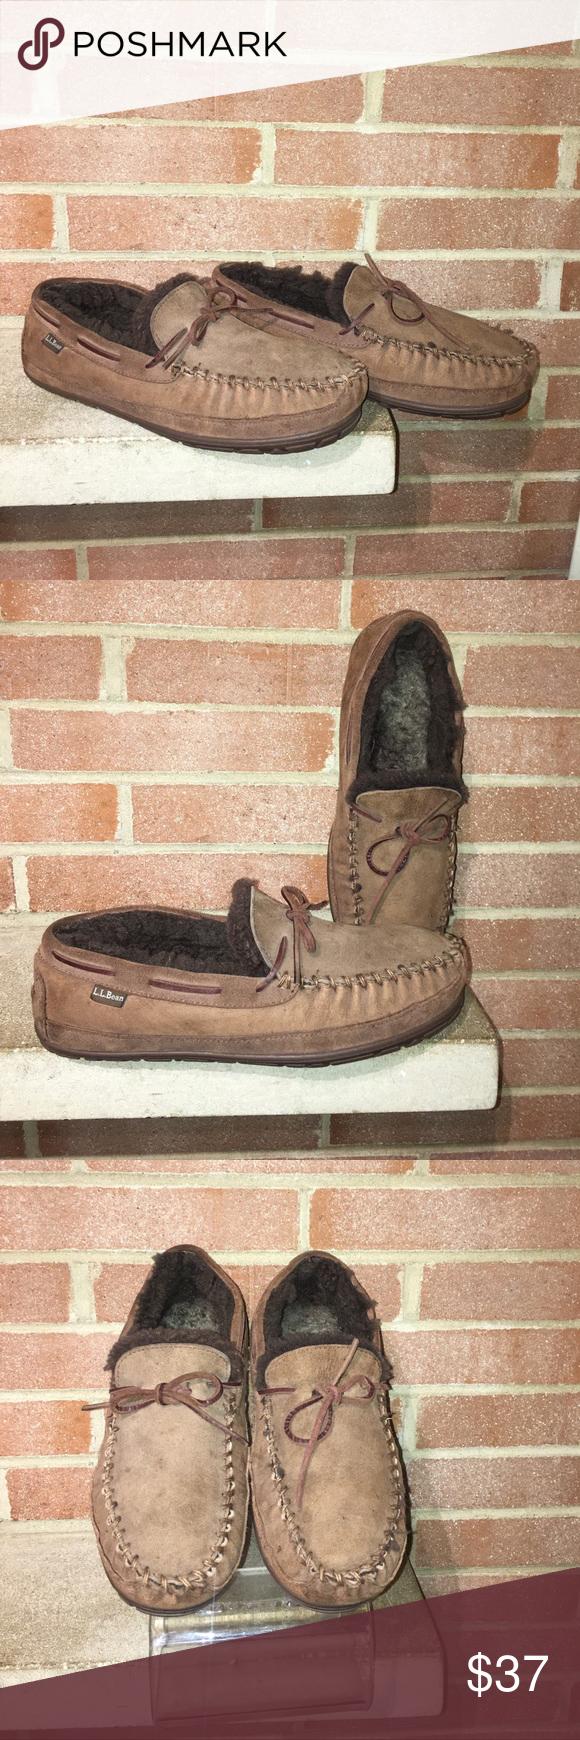 859d31da549 Cabelas Men's Brown suede & shearling size 8W Warm Cabelas Men's ...